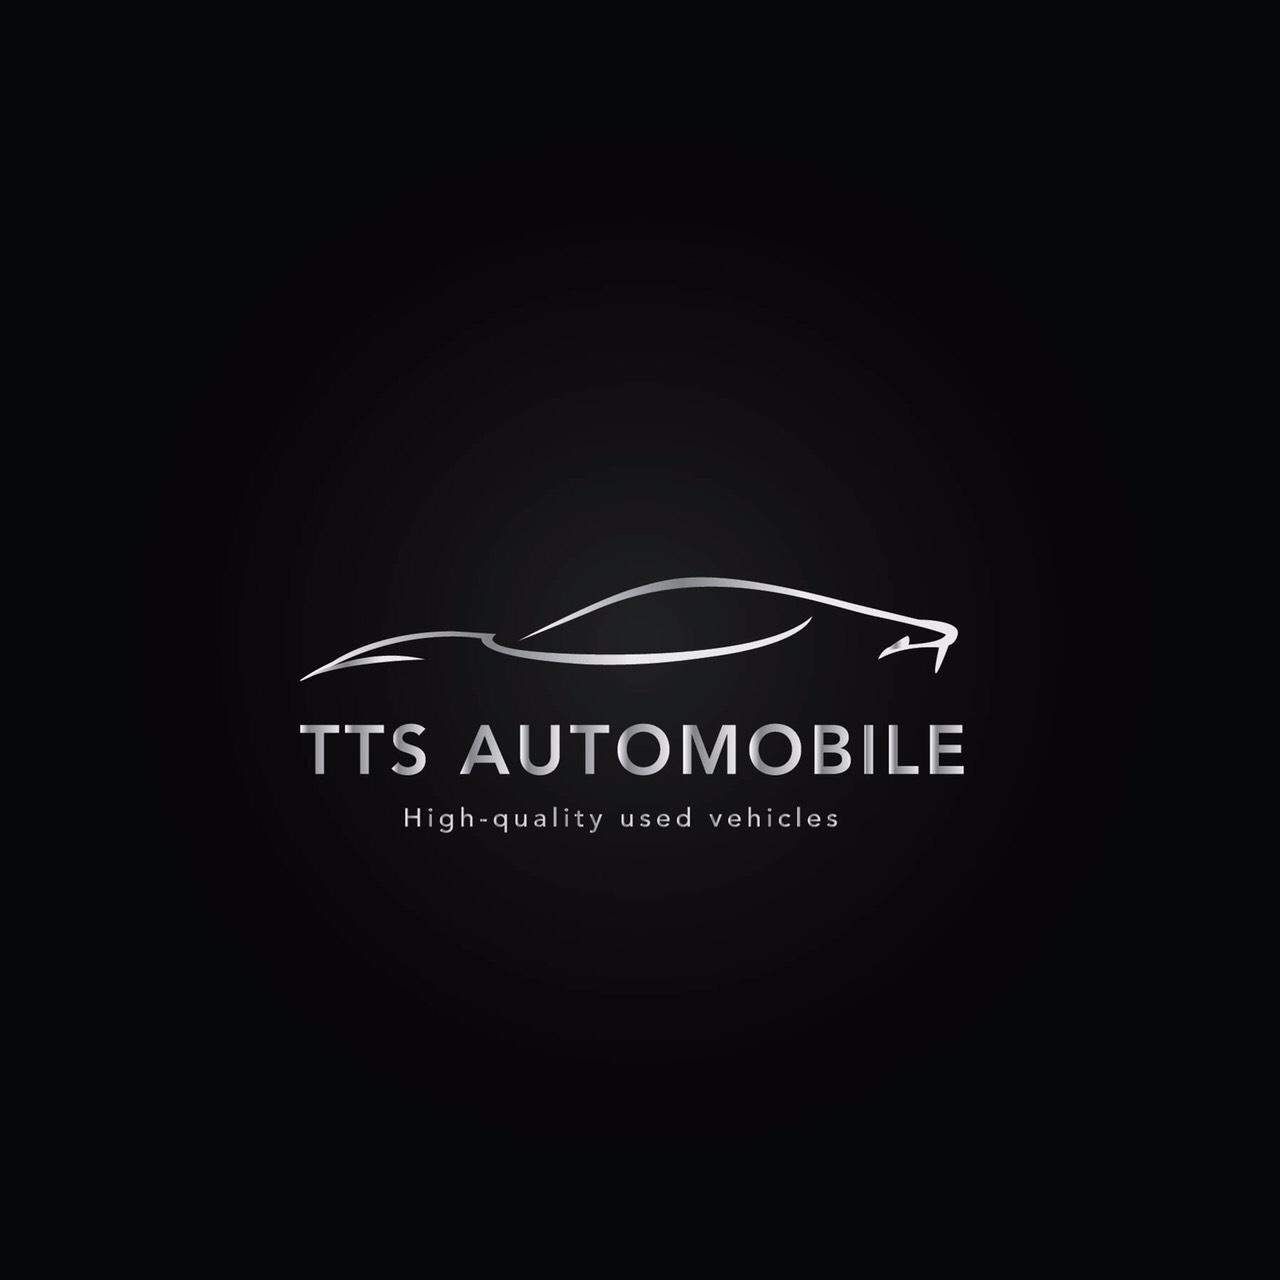 TTS AUTOMOBILE